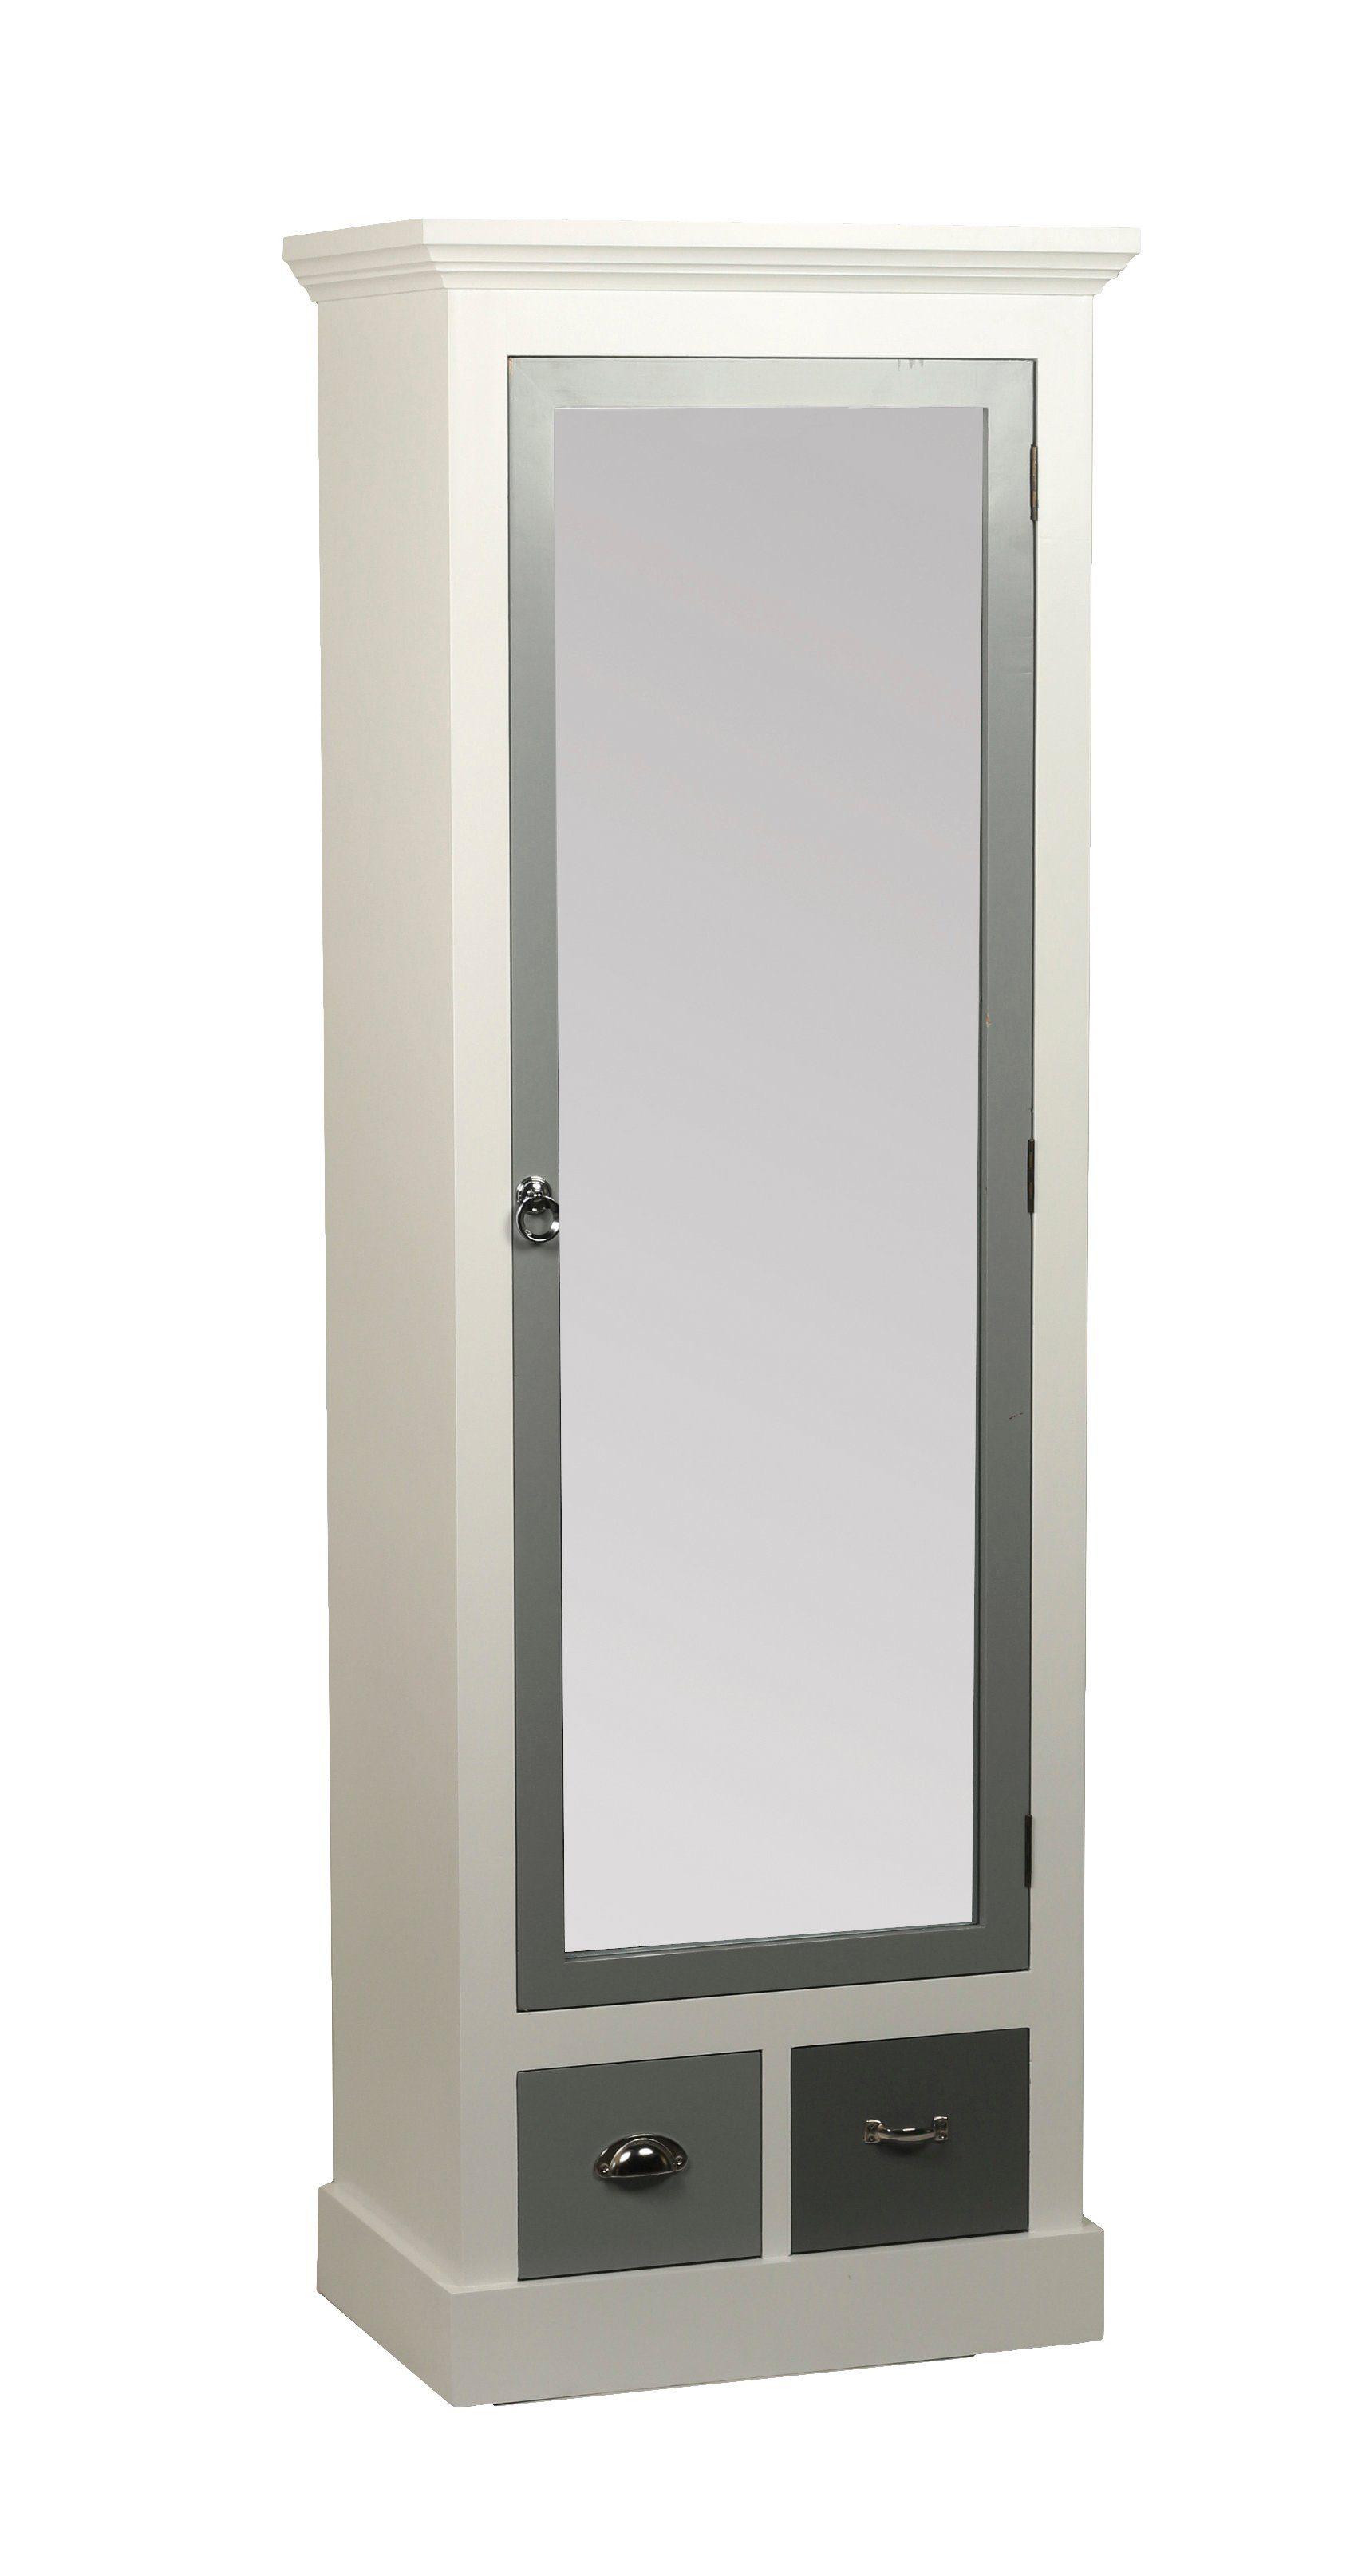 heine home Garderobenschrank mit funktioneller Einteilung